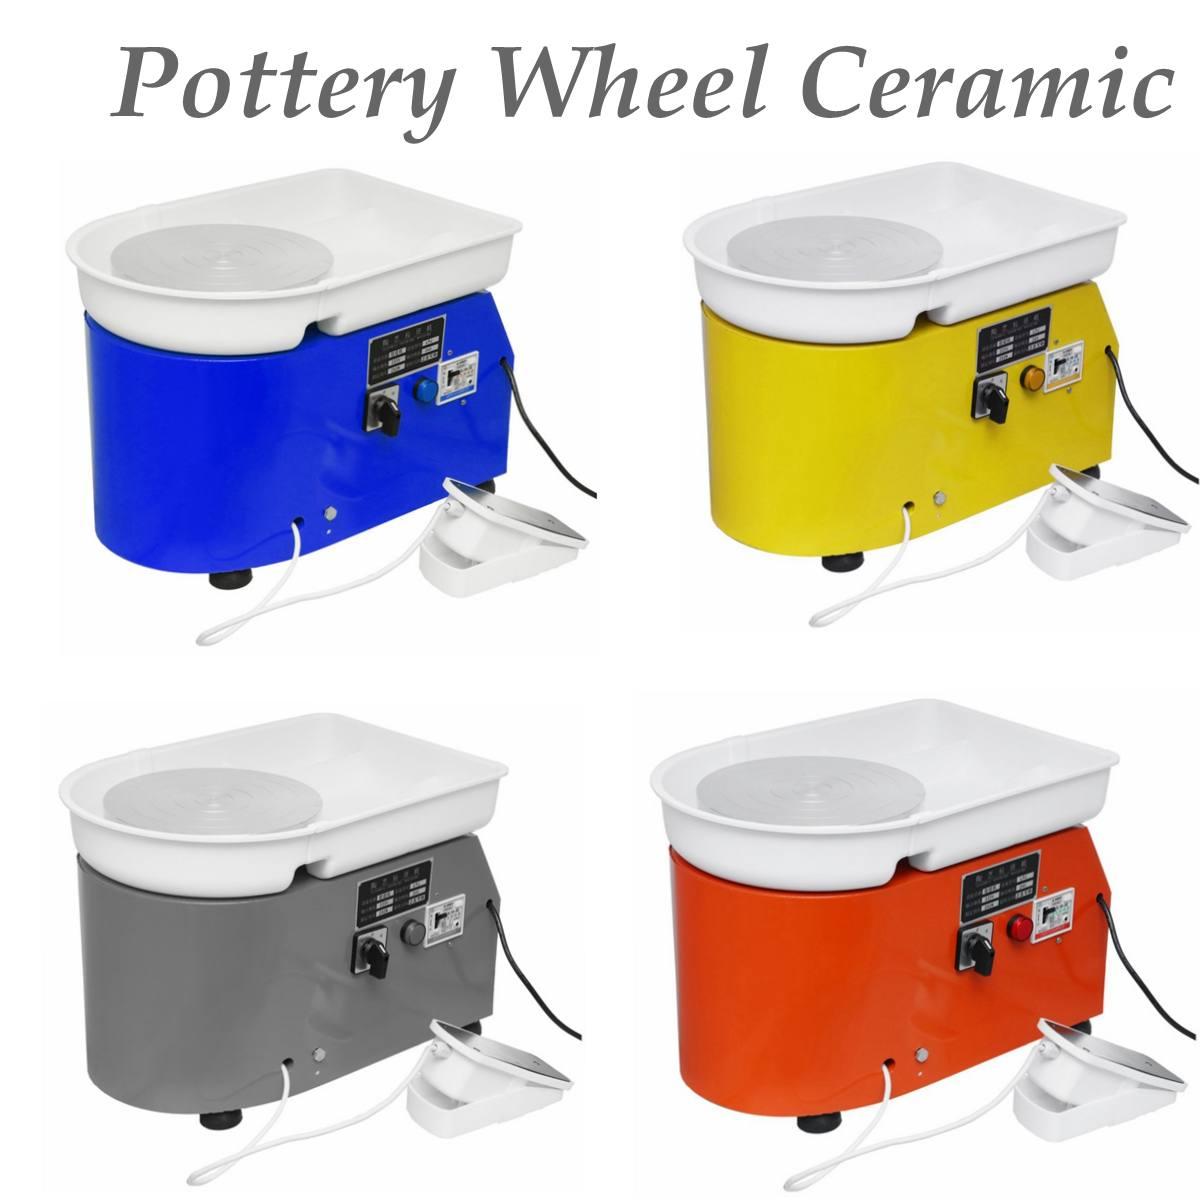 Giradischi 250 W/350 W Elettrico Tour Ruota di Ceramica Macchina di Argilla Ceramica Potter Arte Per La Ceramica del Lavoro di Ceramica 110 v/220 V